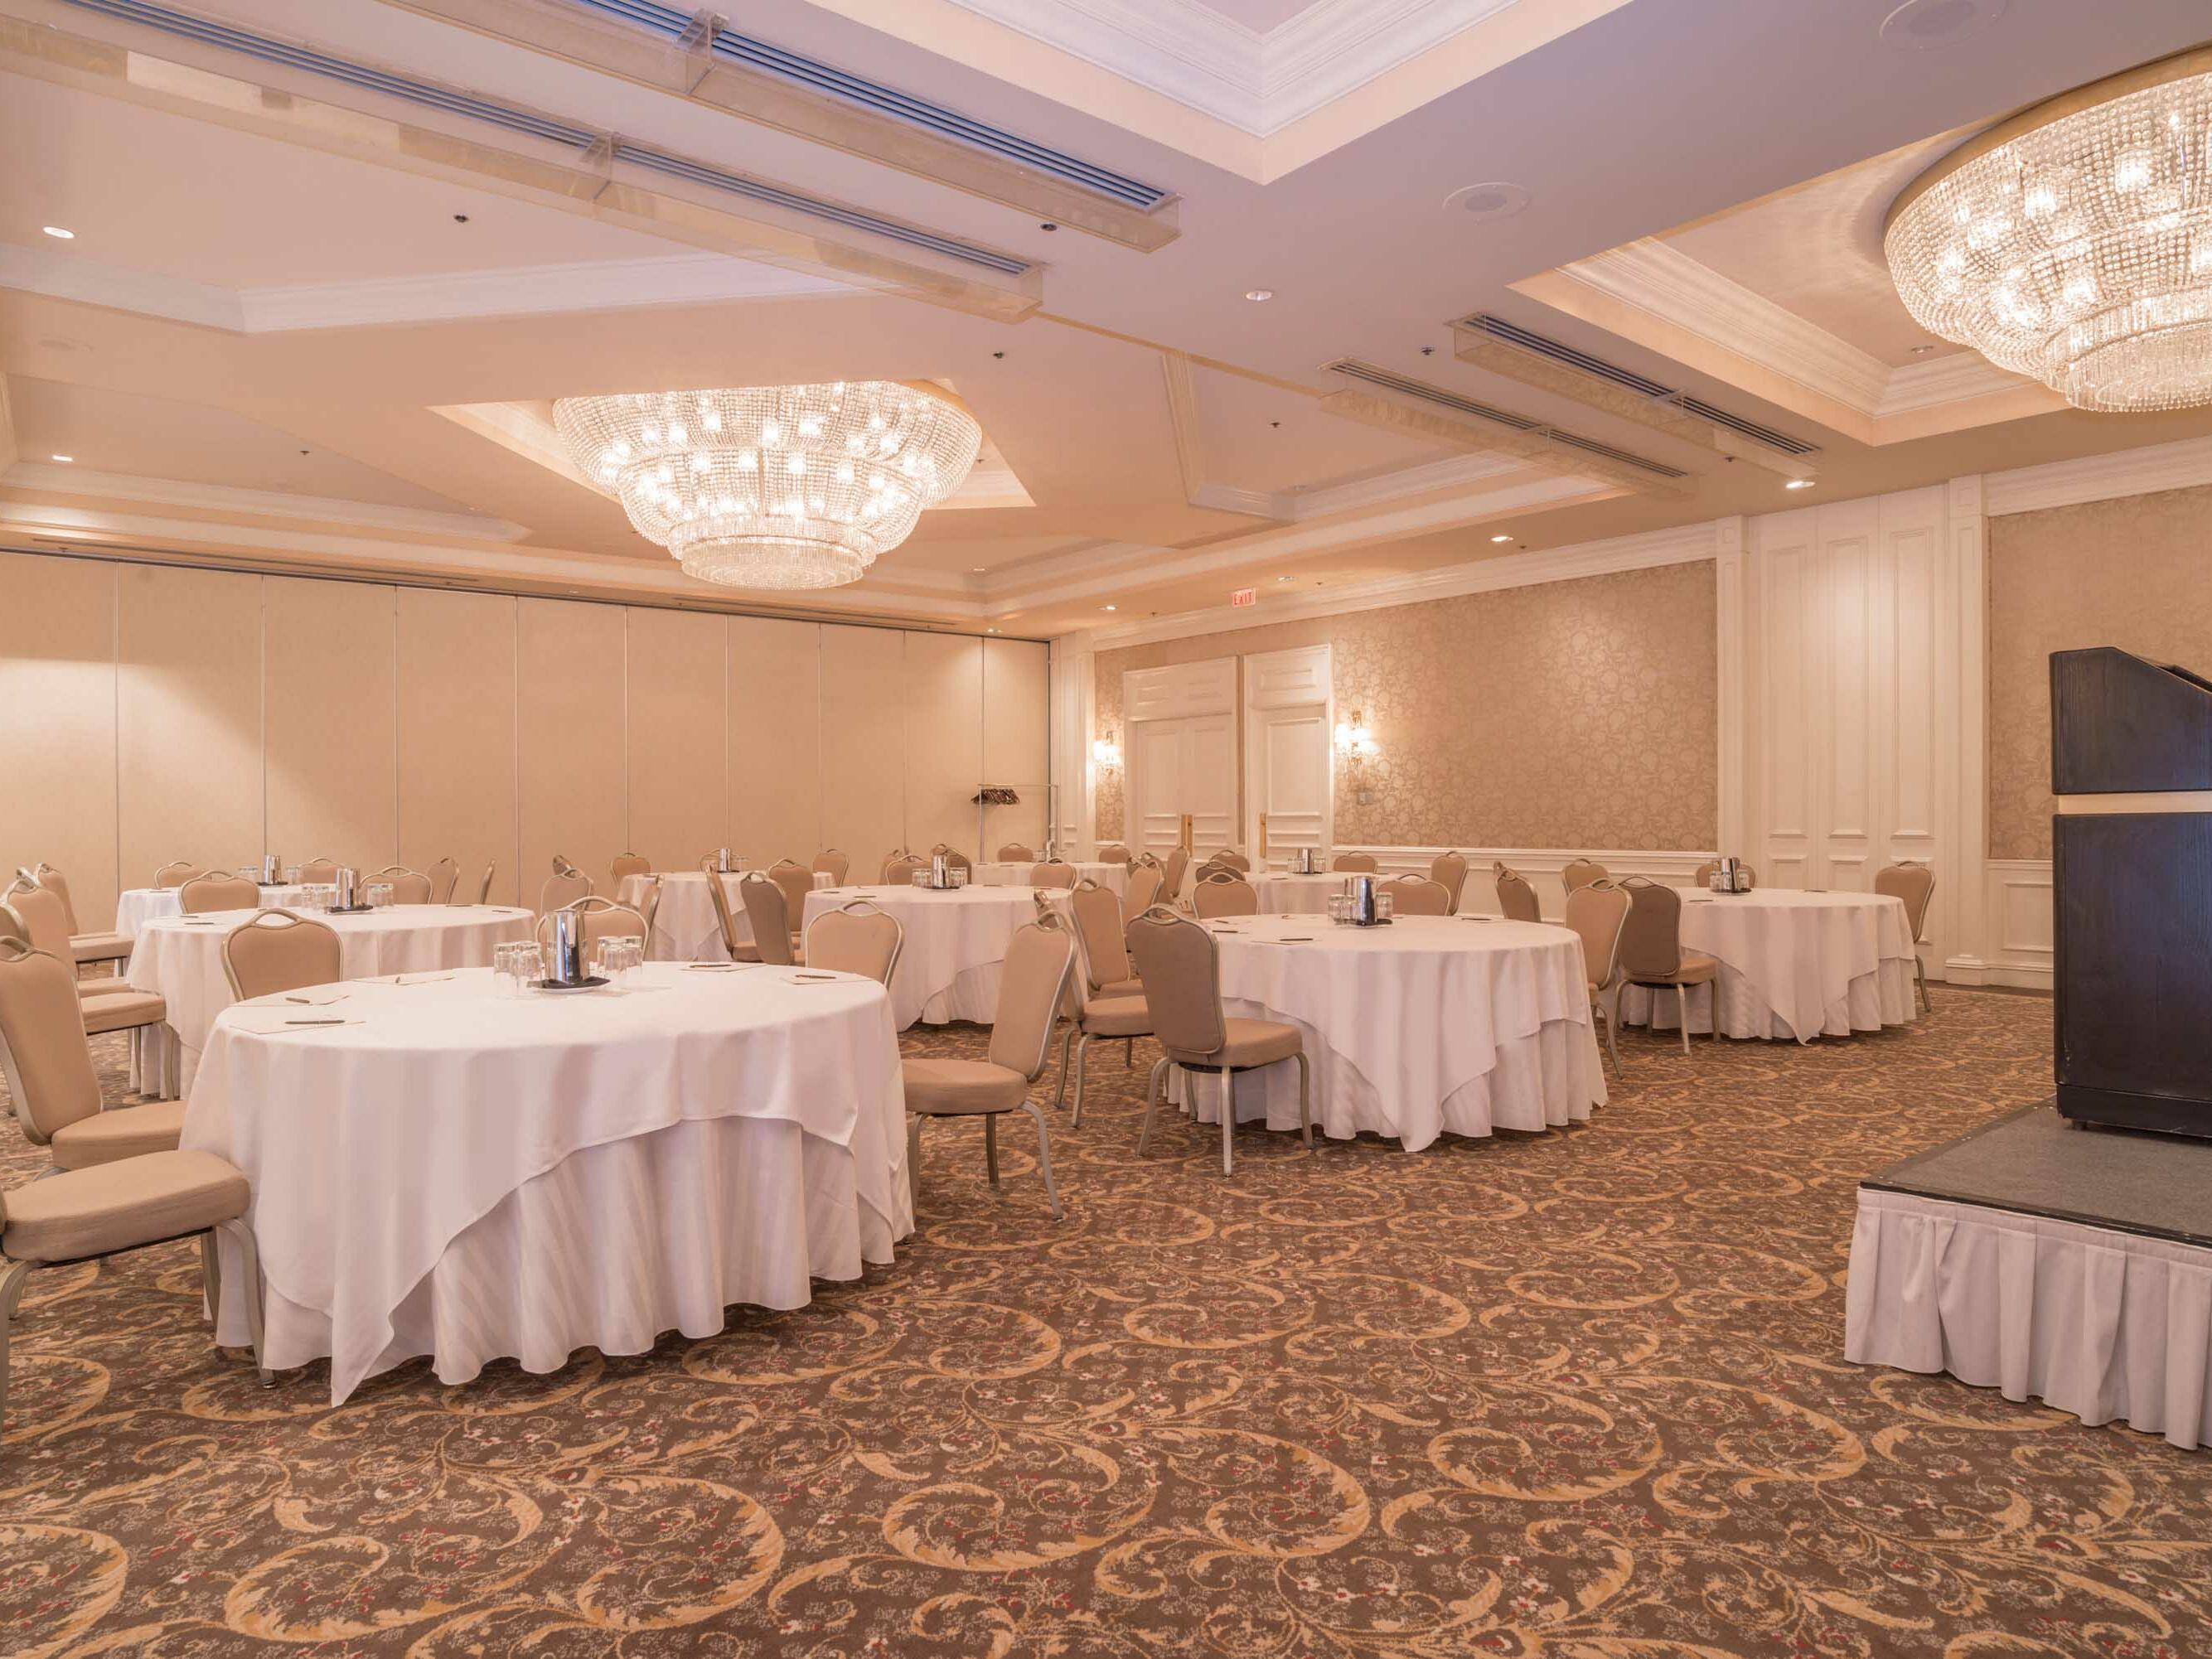 Le Versailles Salon B The Sutton Place Hotels